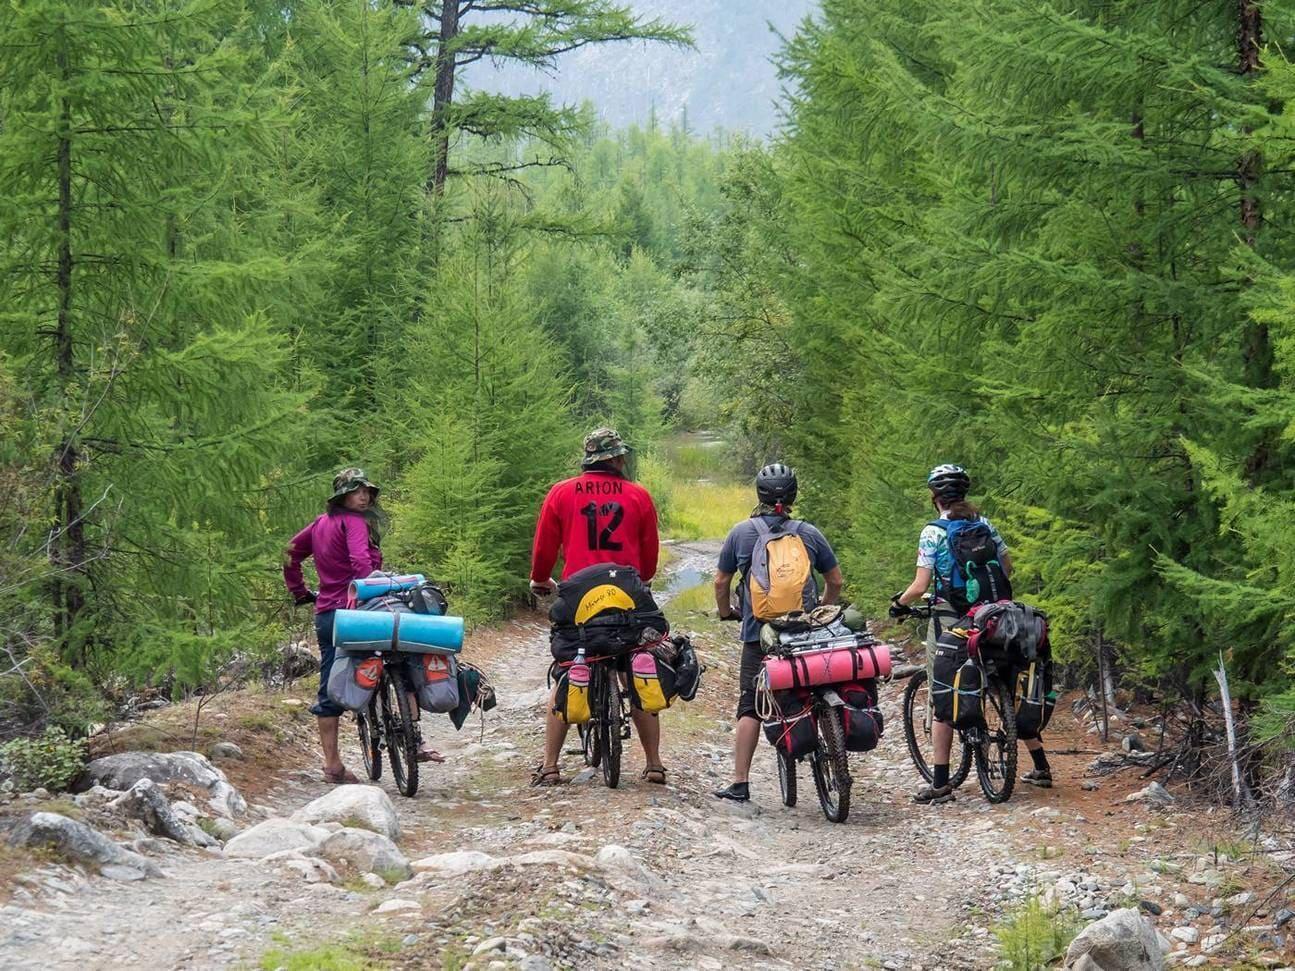 Путешественники в лесу на велосипедах